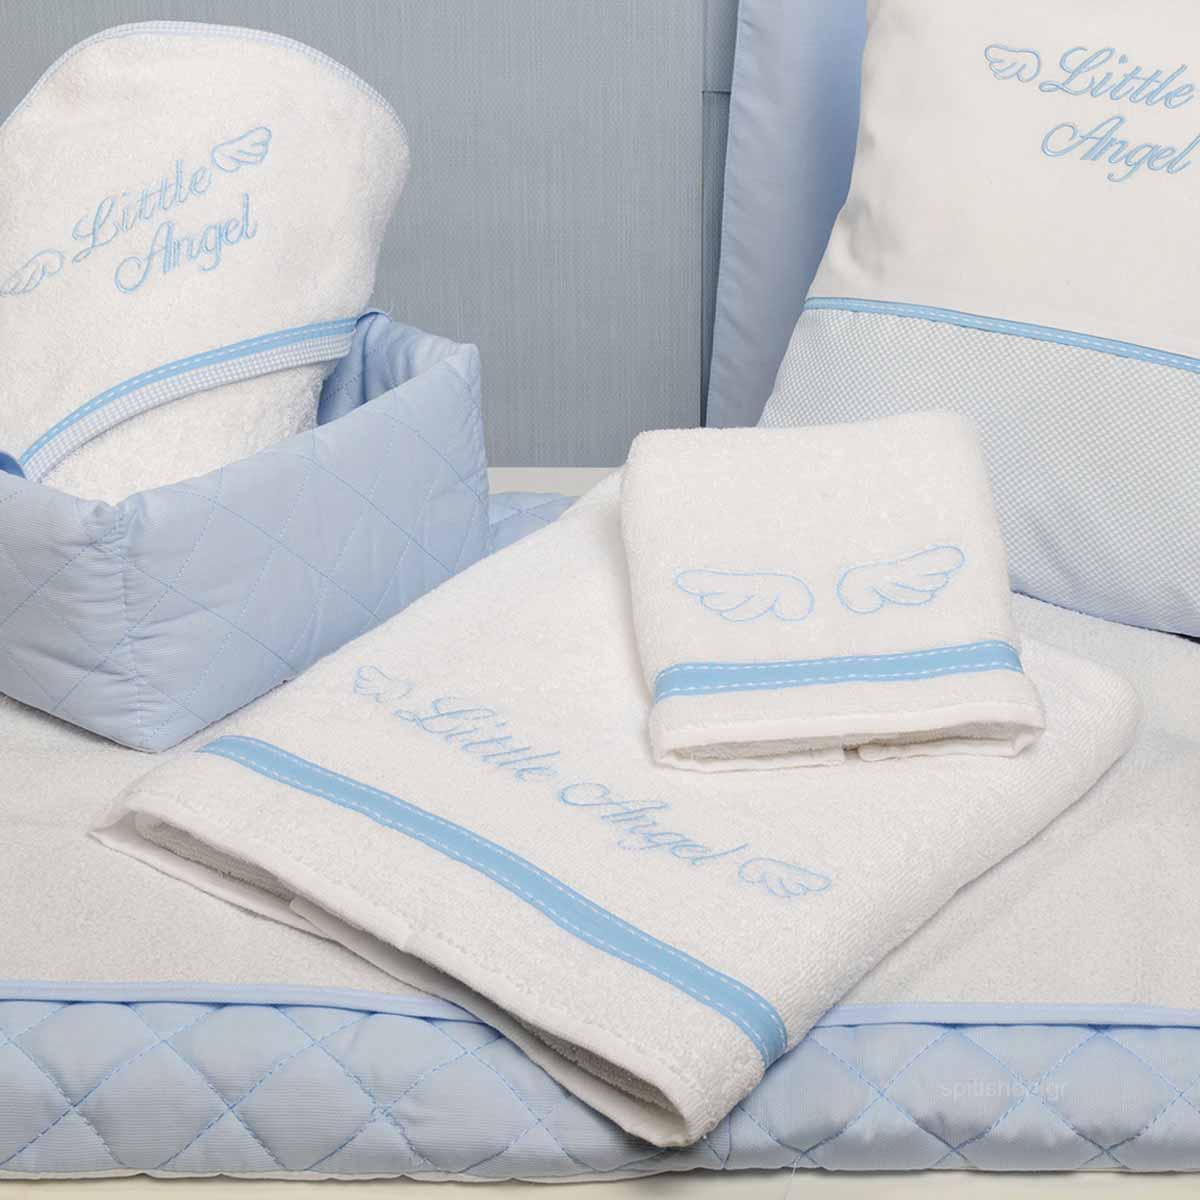 Βρεφικές Πετσέτες (Σετ 2τμχ) Baby Oliver Little Angel Blue 321